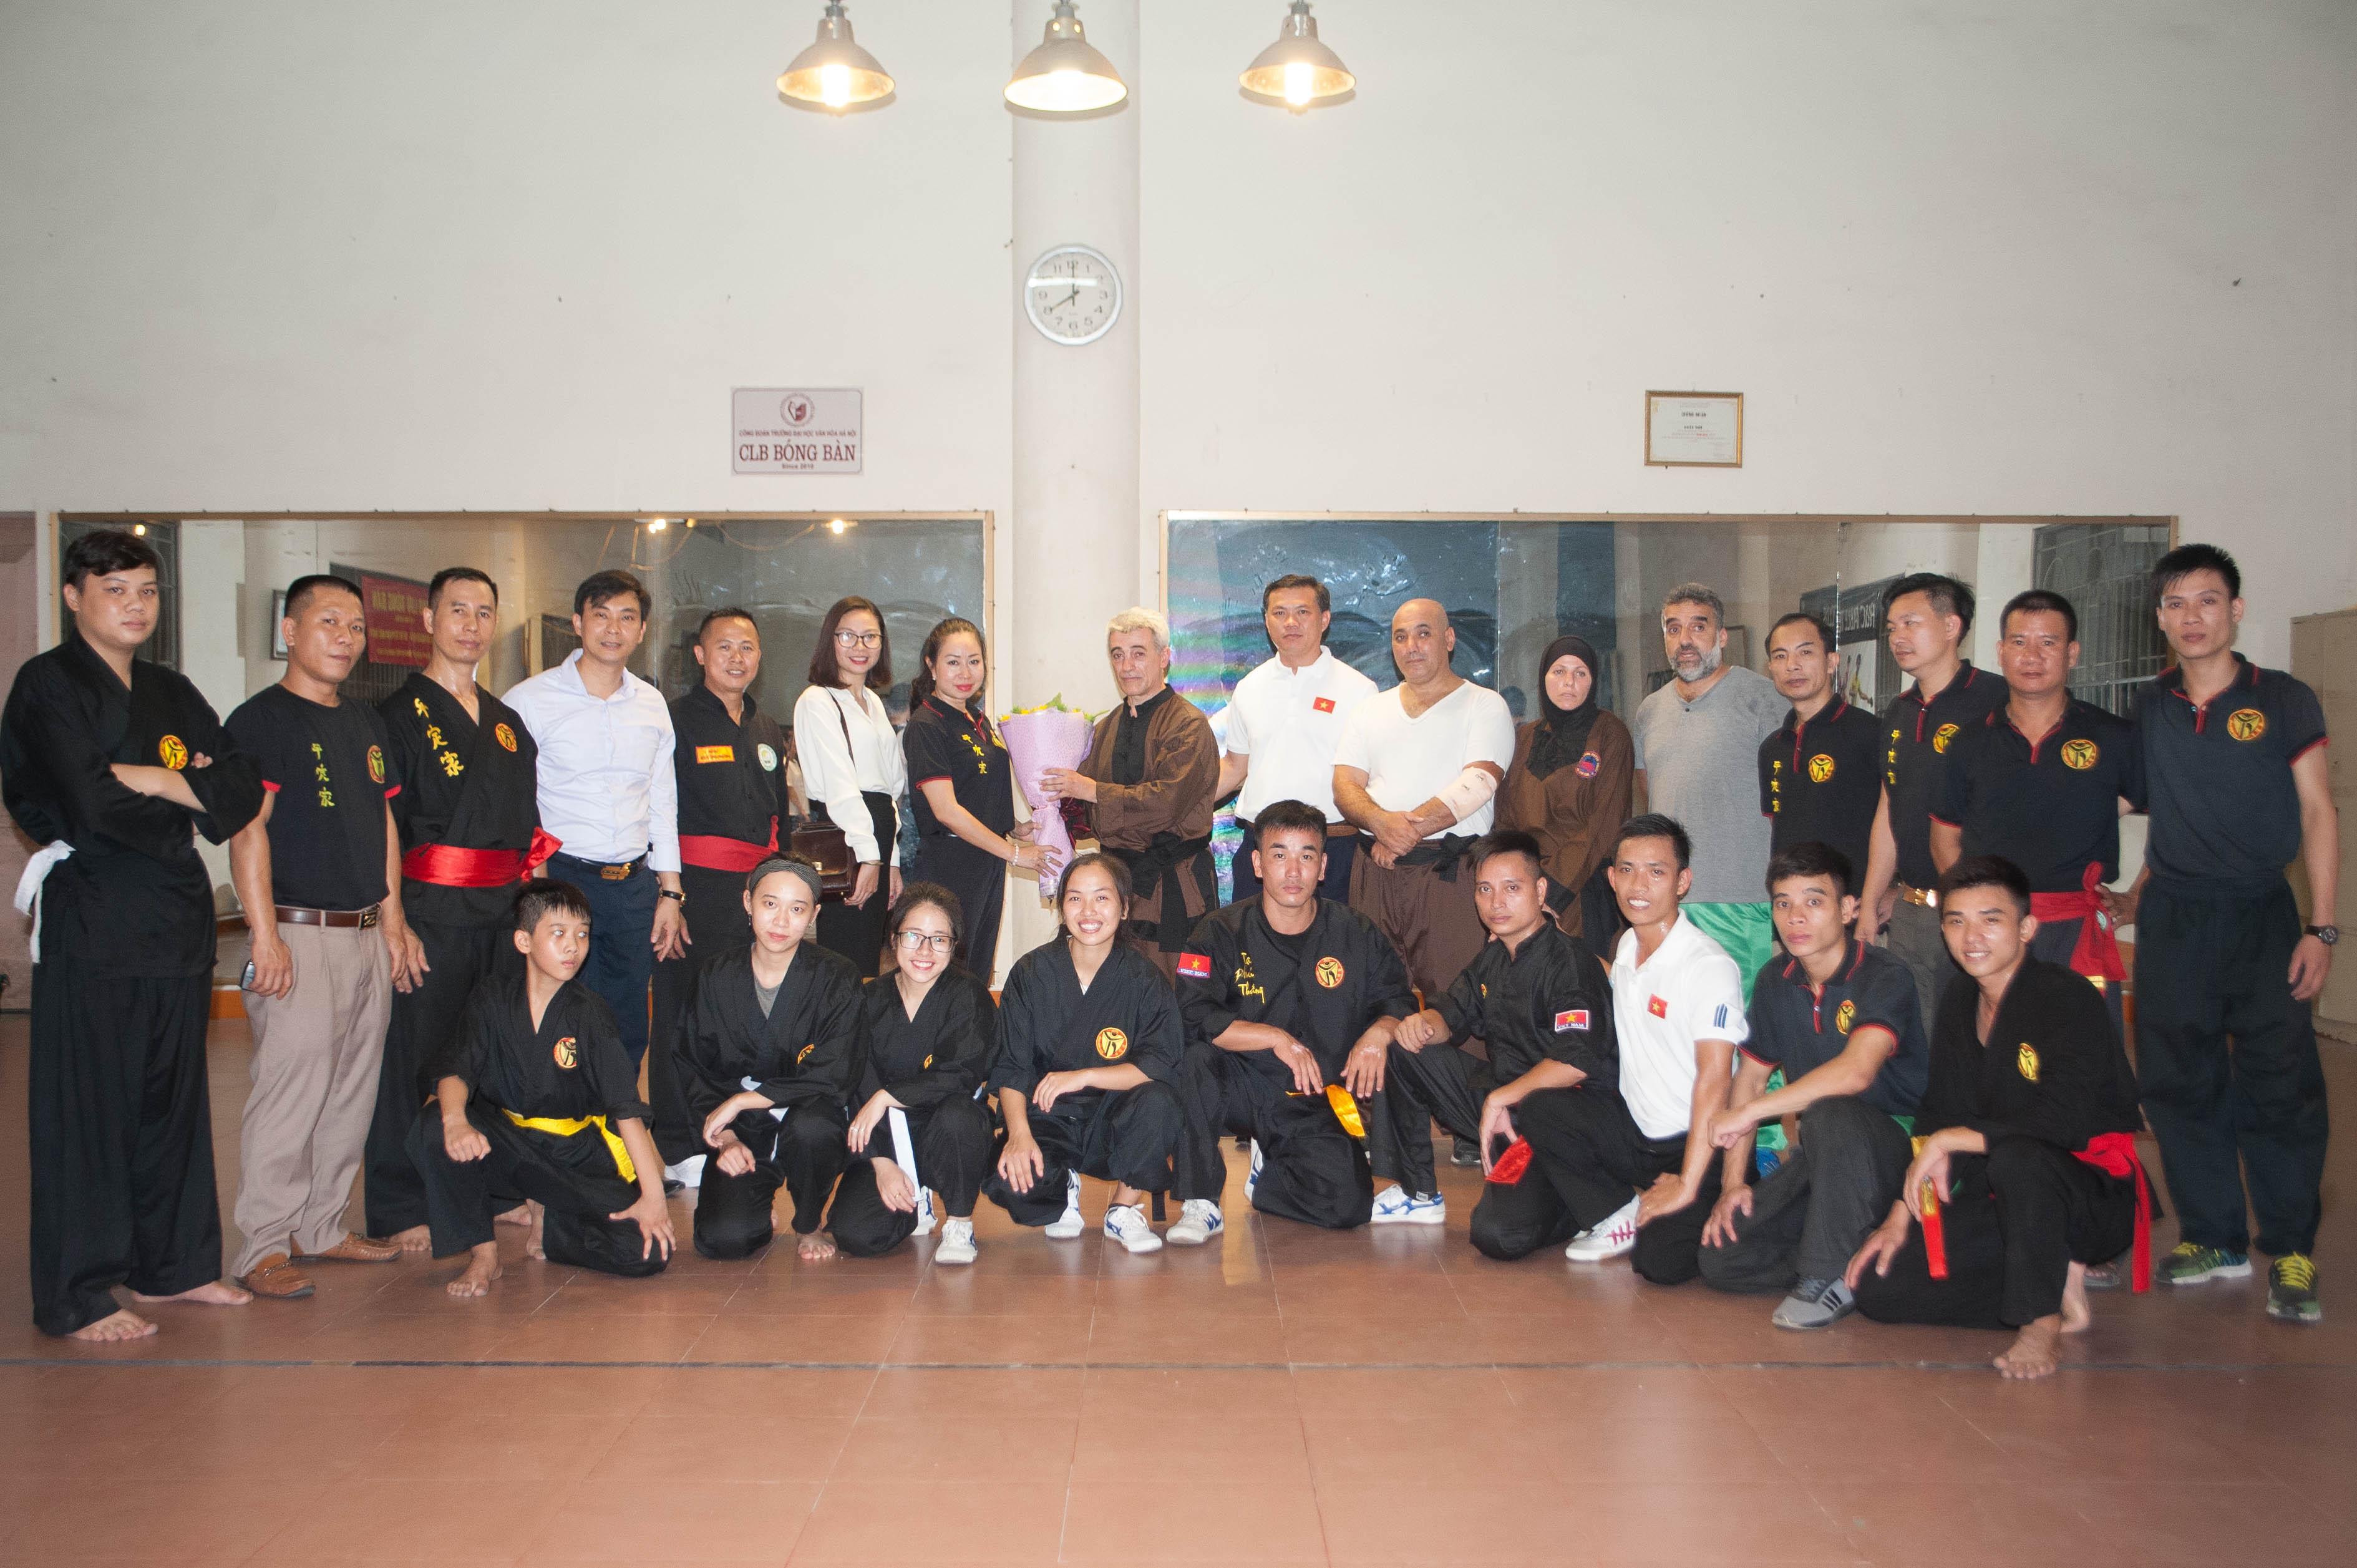 Gặp gỡ, giao lưu võ thuật với Liên đoàn võ thuật Algerie